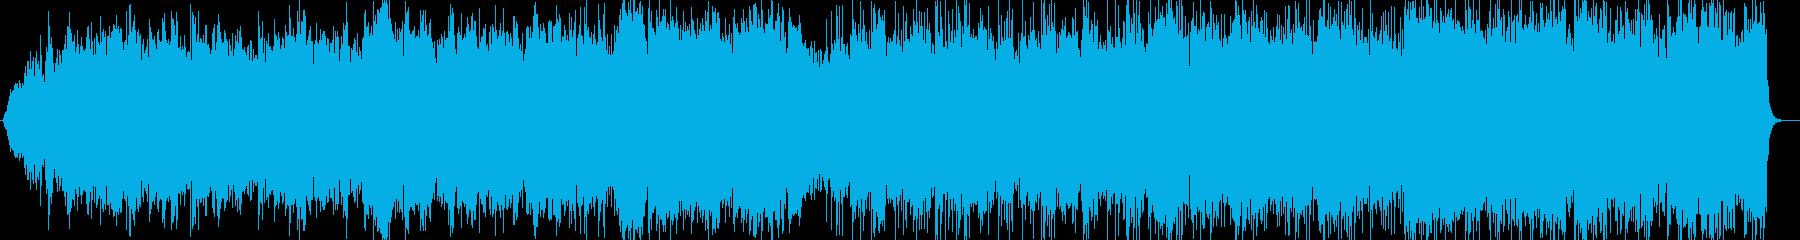 清々しいミディアムテンポのポップスの再生済みの波形